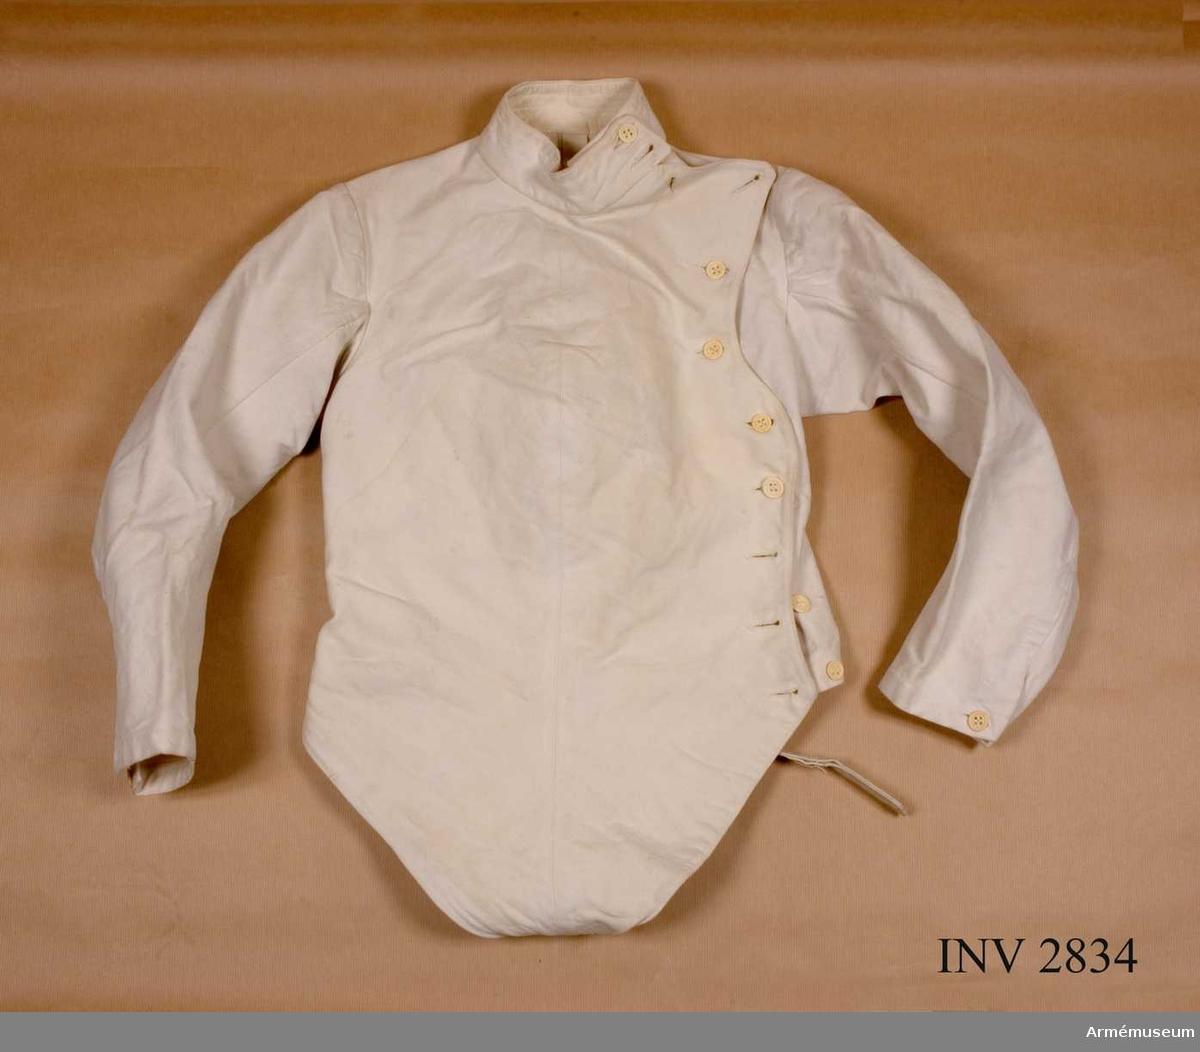 Av vit domestik, ett grovt bomullstyg. Knäppt på vänster sida med elva benknappar. Vadderat bröststycke. Långa ärmar med enkelt sprund nedtill knäppt med en knapp. Ståkrage. Framstycket i en spets nedtill, med en tamp att knäppa under bålen mot bakstycket. Används vid fäktning. Använd av major U.E.F. Lindberg på GCI åren 1922-1923 i egenskap av officer vid I 16.